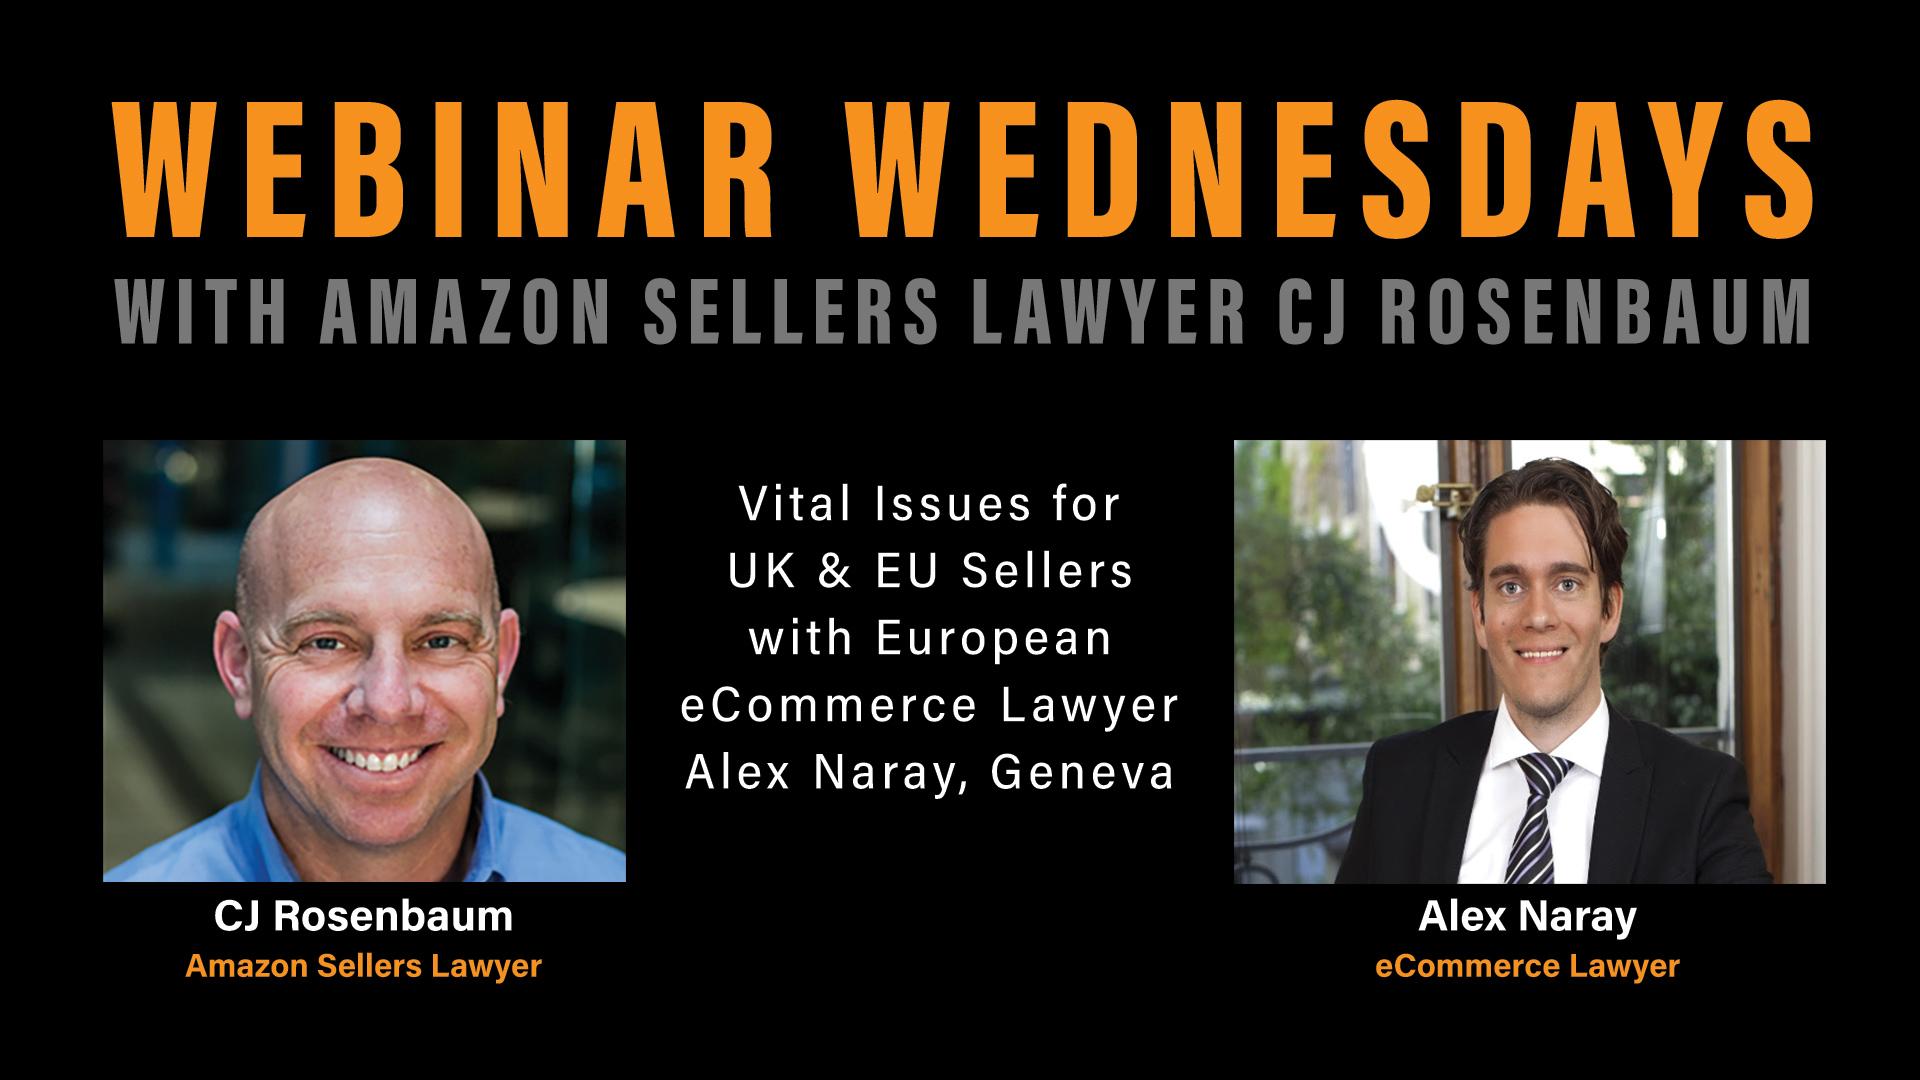 webinar ecommerce lawyer